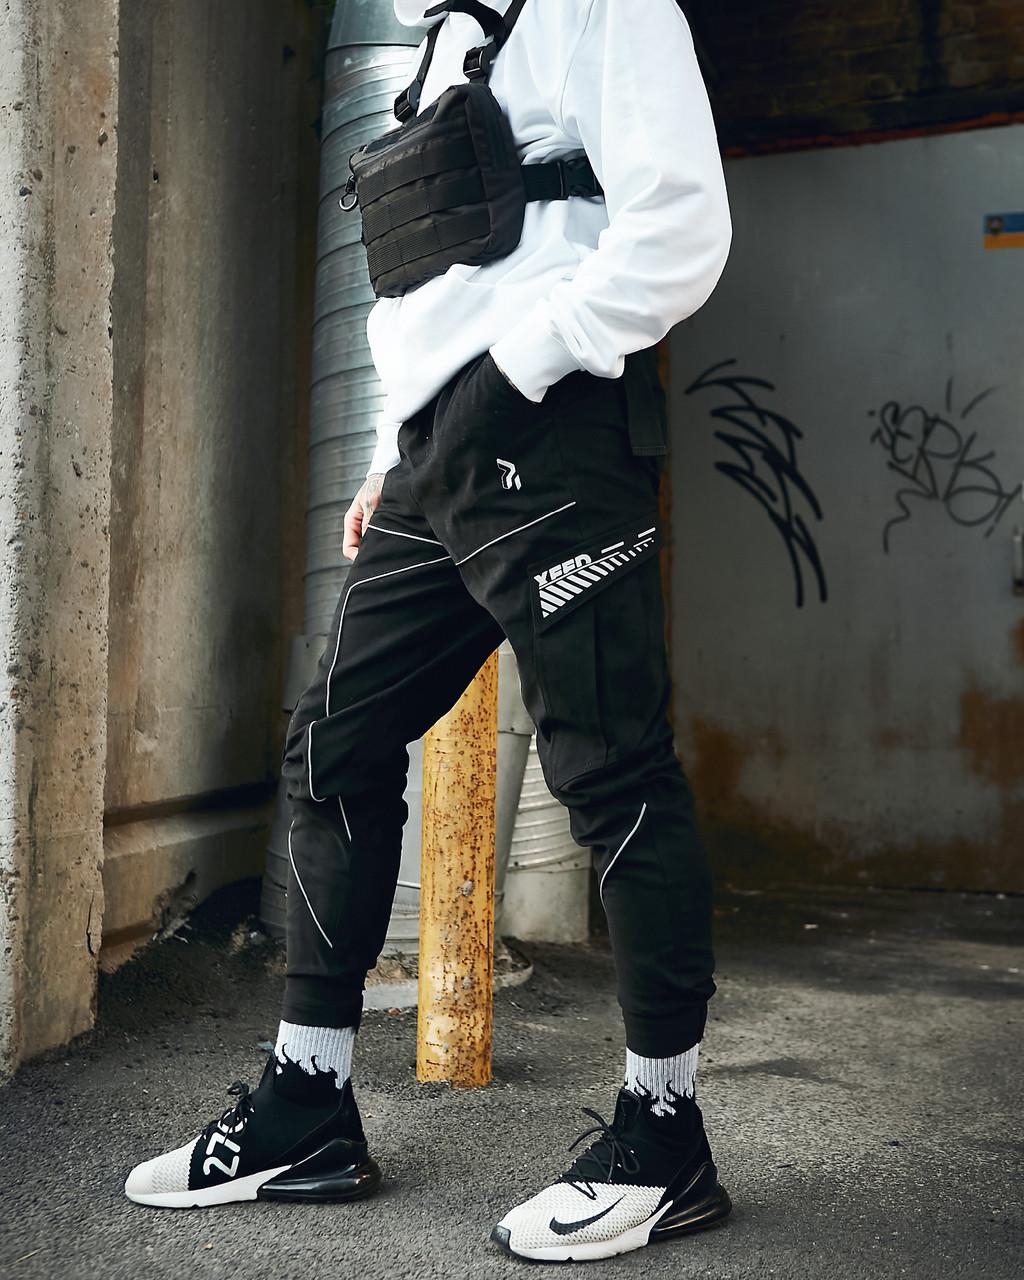 Чоловічі штани-карго Пушка Вогонь Xeed L молодіжні чорні штани cargo весна літо підліткові брюки карго casual